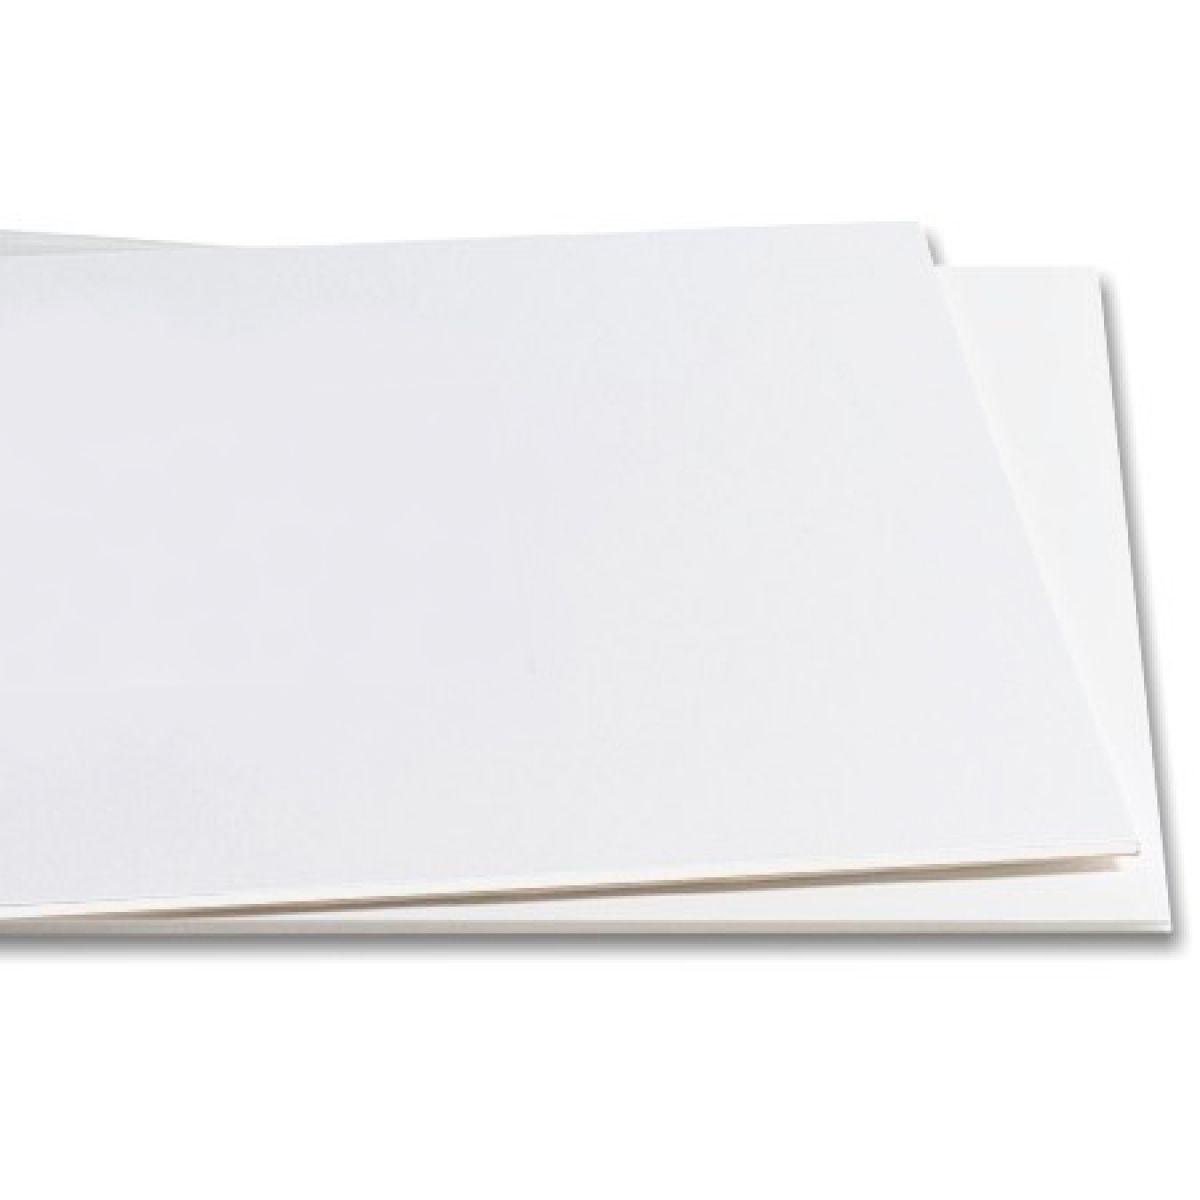 Papel Couche Brilho 300g A4 Embalagem Com 100 Folhas Phandora